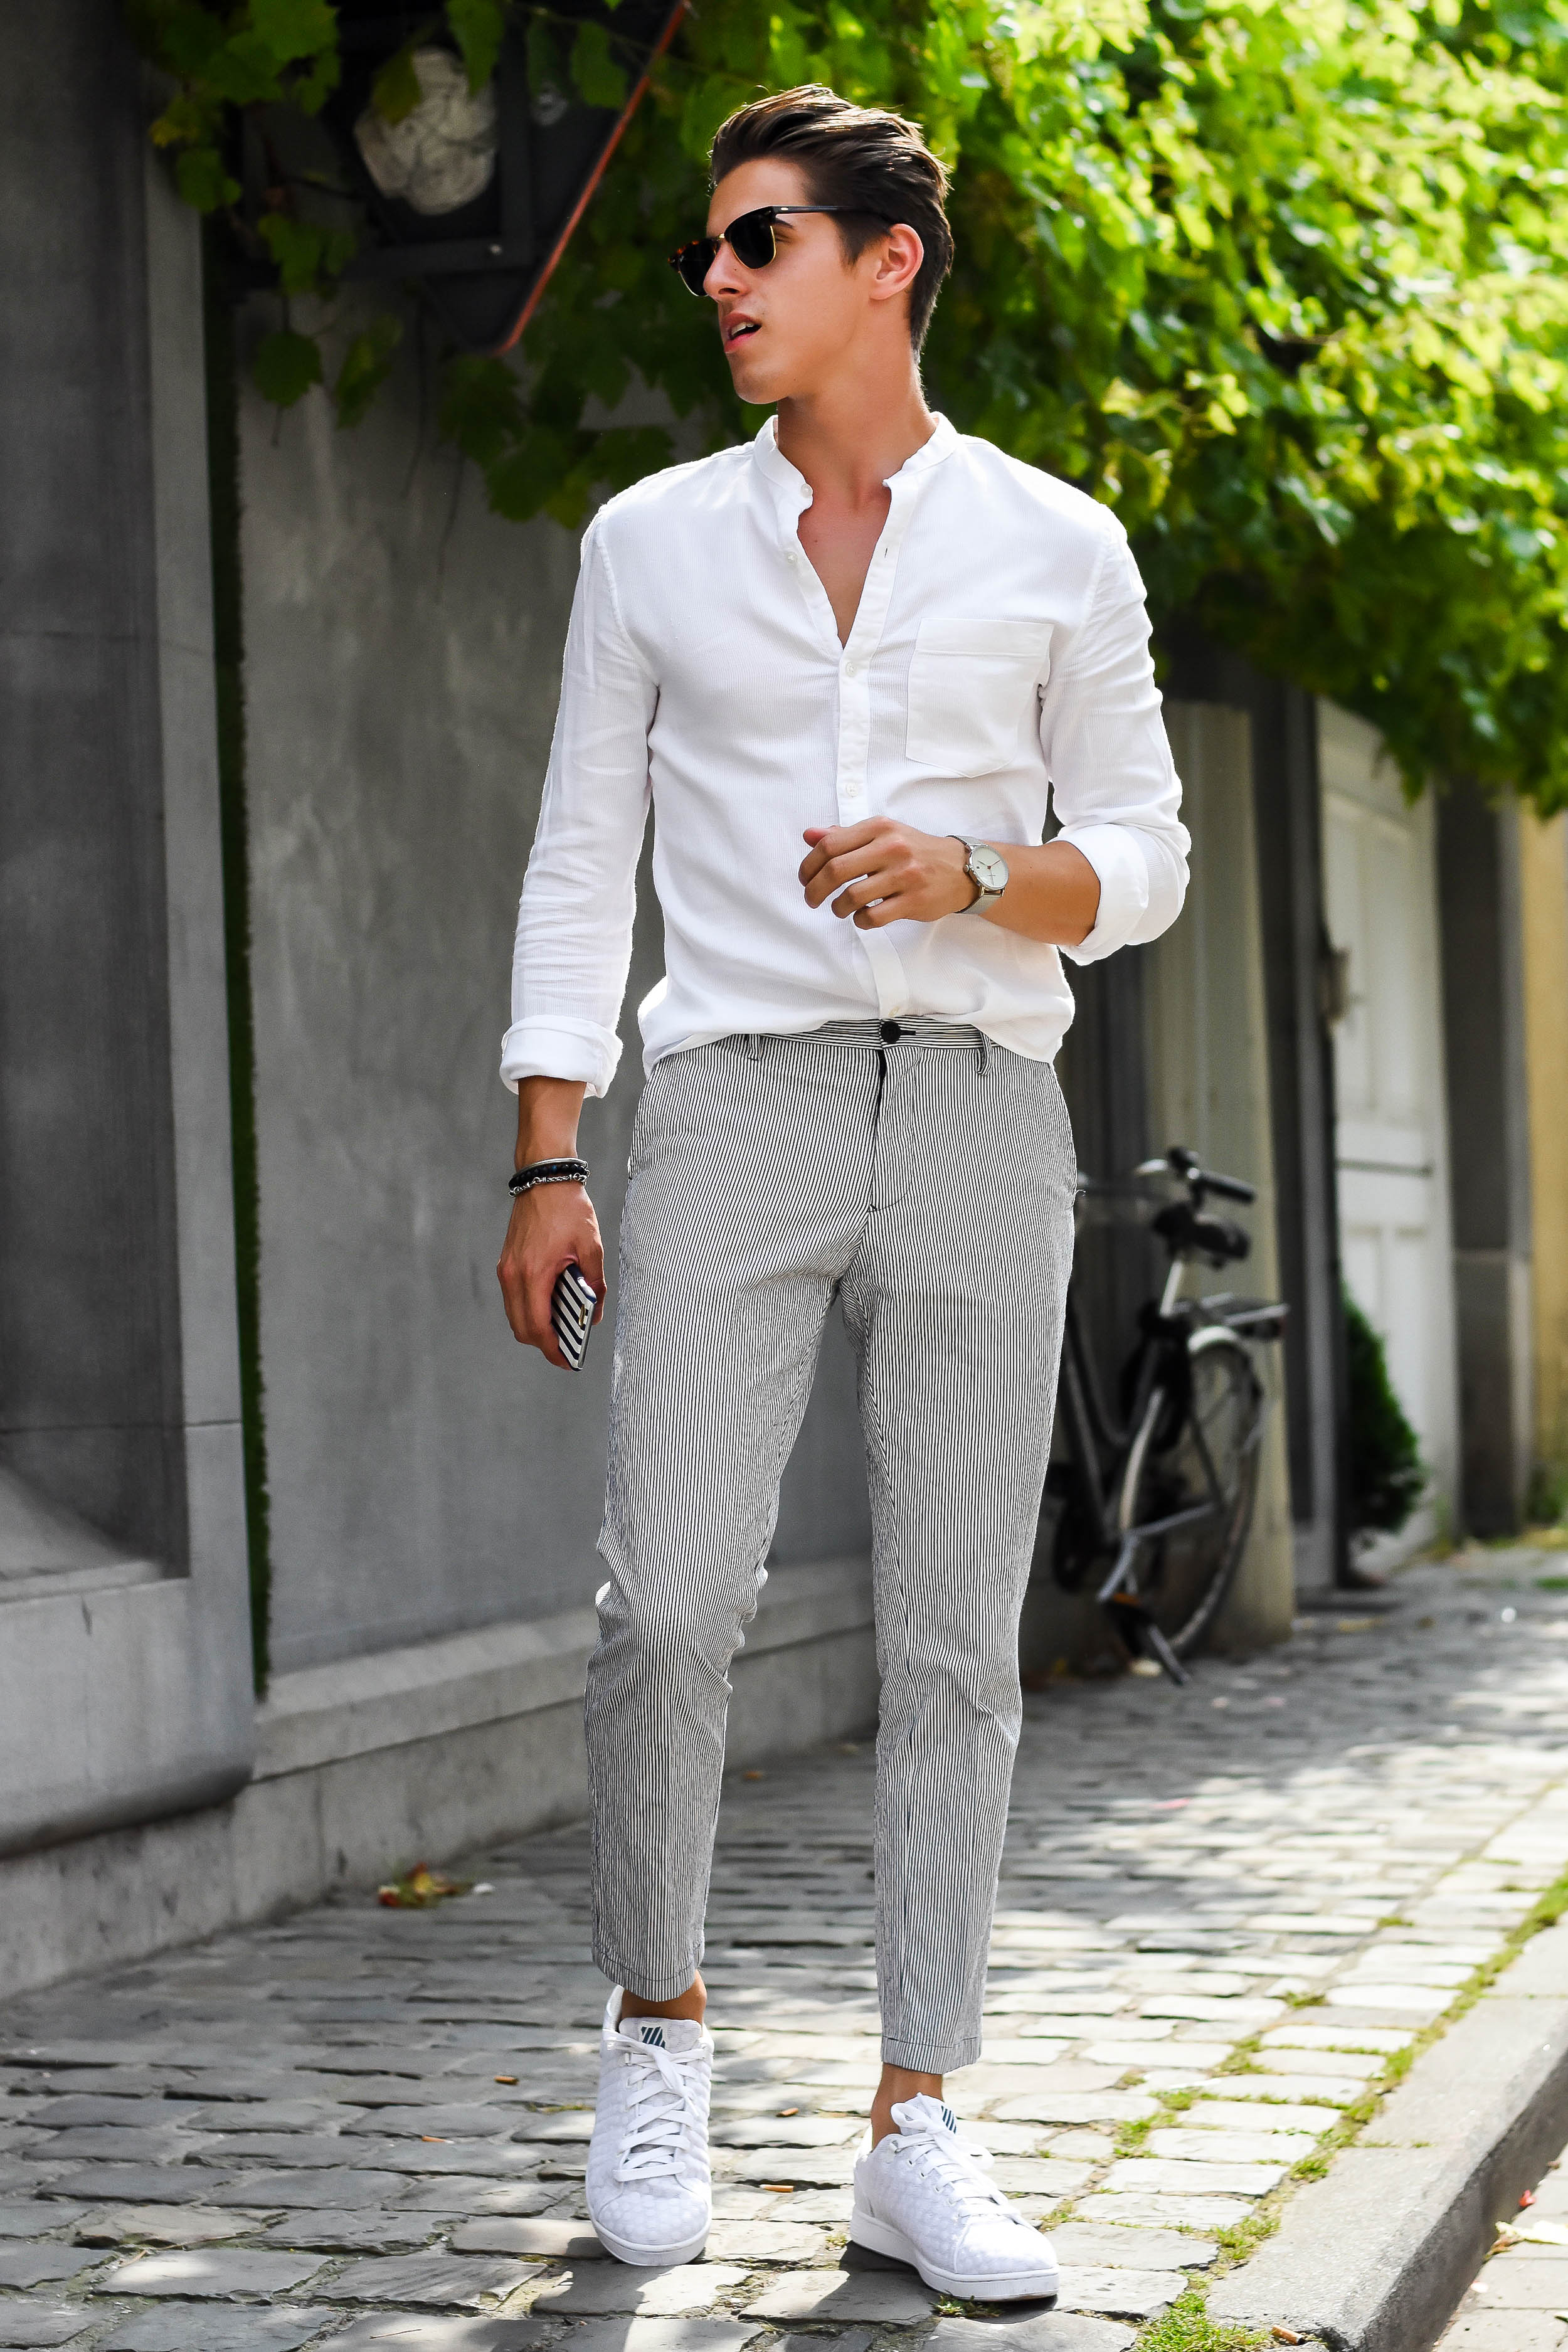 Que Pantalones Usar En Epoca De Calor Blog Ferrato